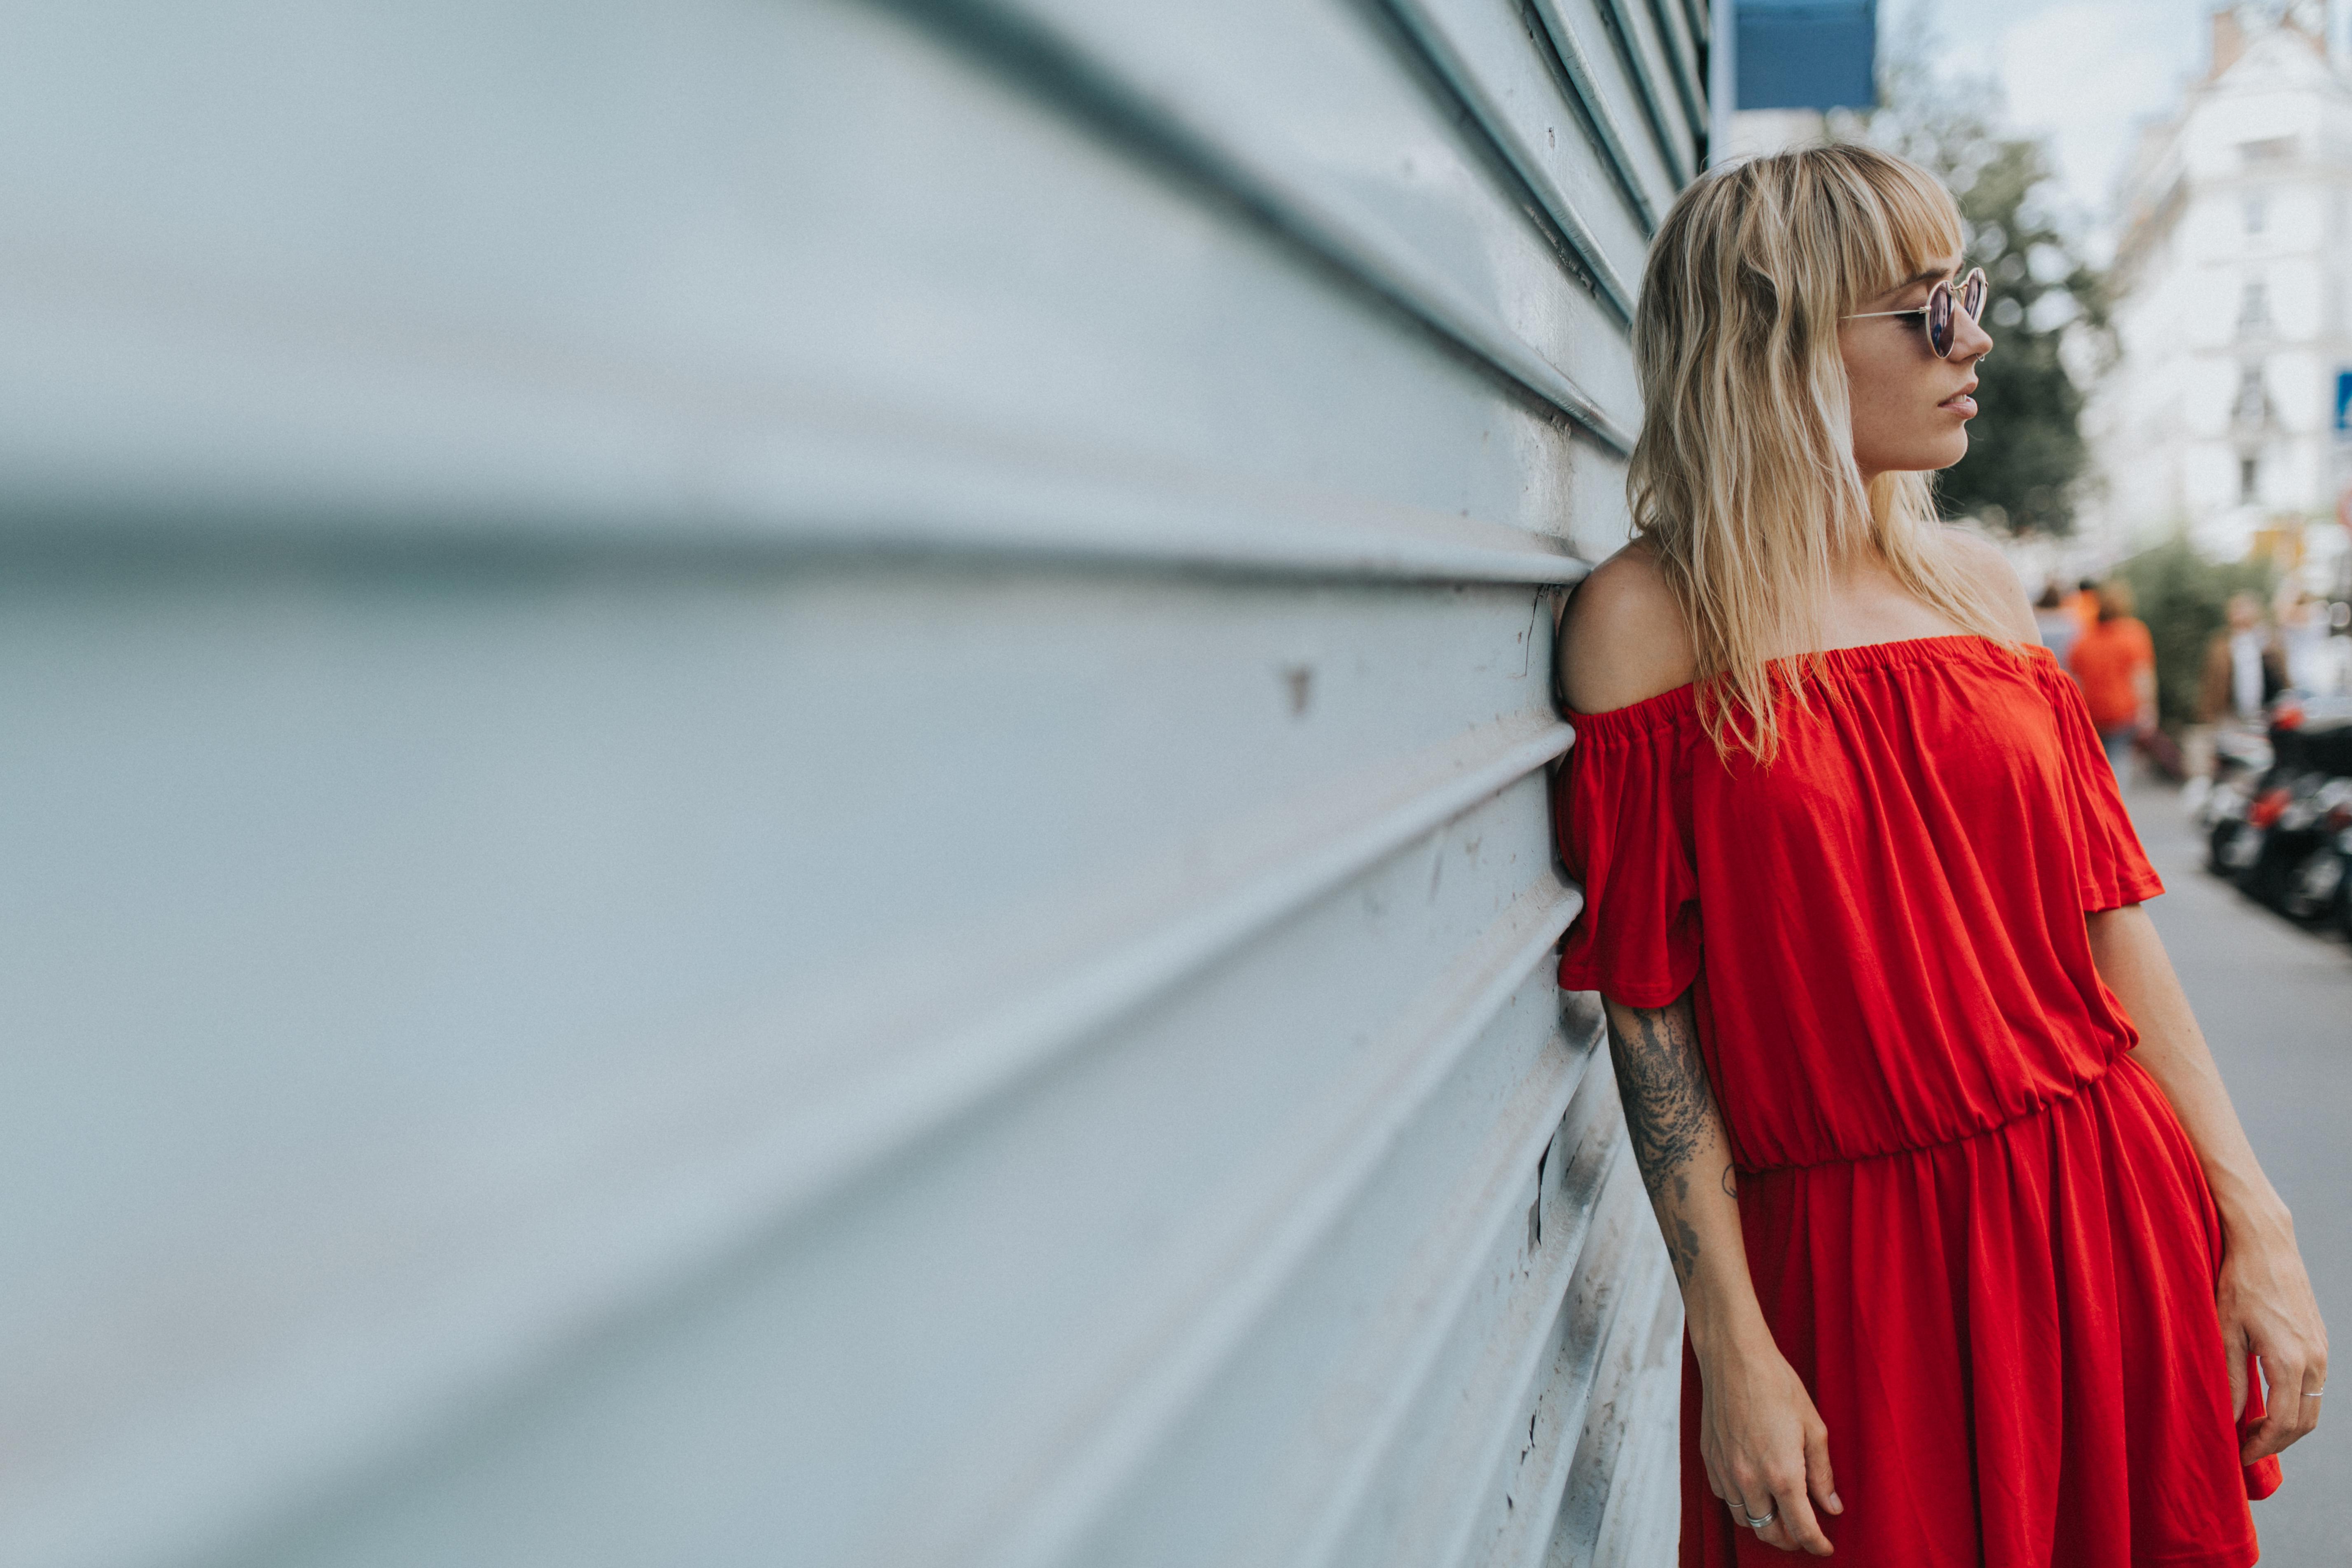 Robe rouge à épaules dénudées I Sp4nkblog par lyloutte 4